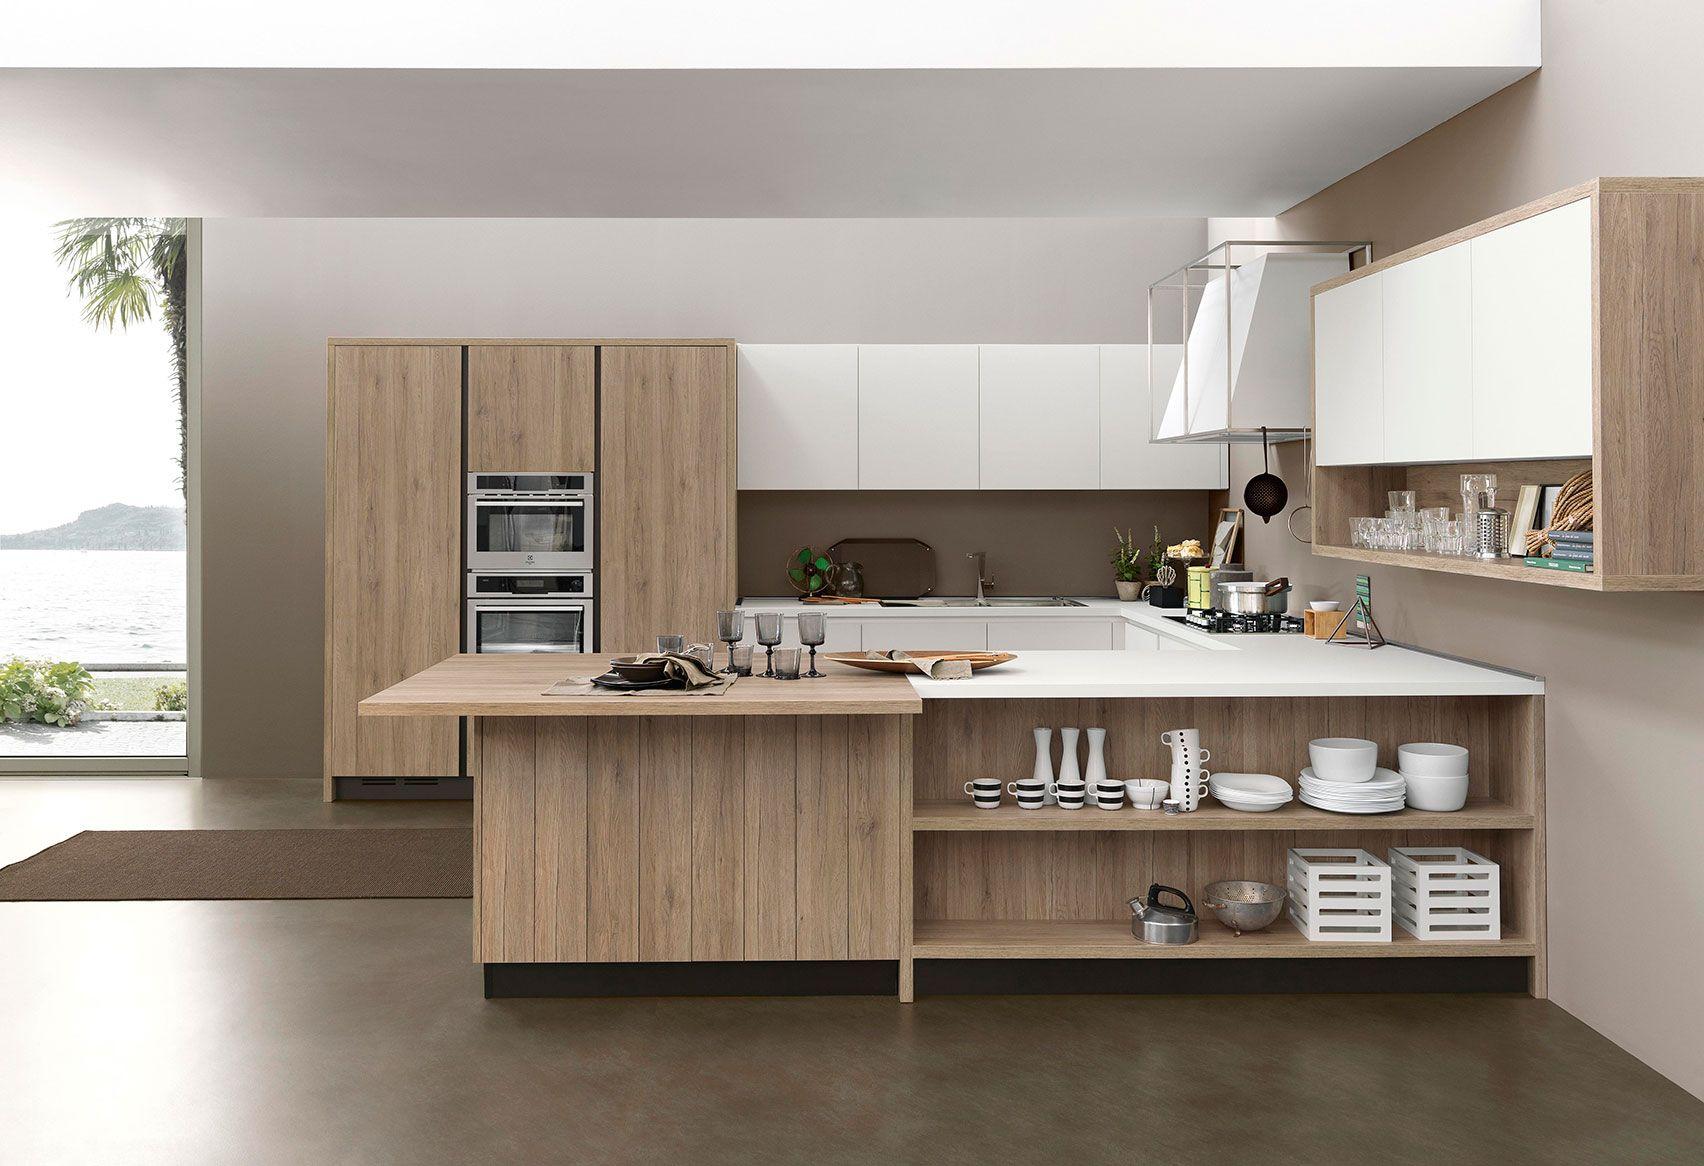 Decorer | erreria | Pinterest | Cocina moderna, Decoración de cocina ...